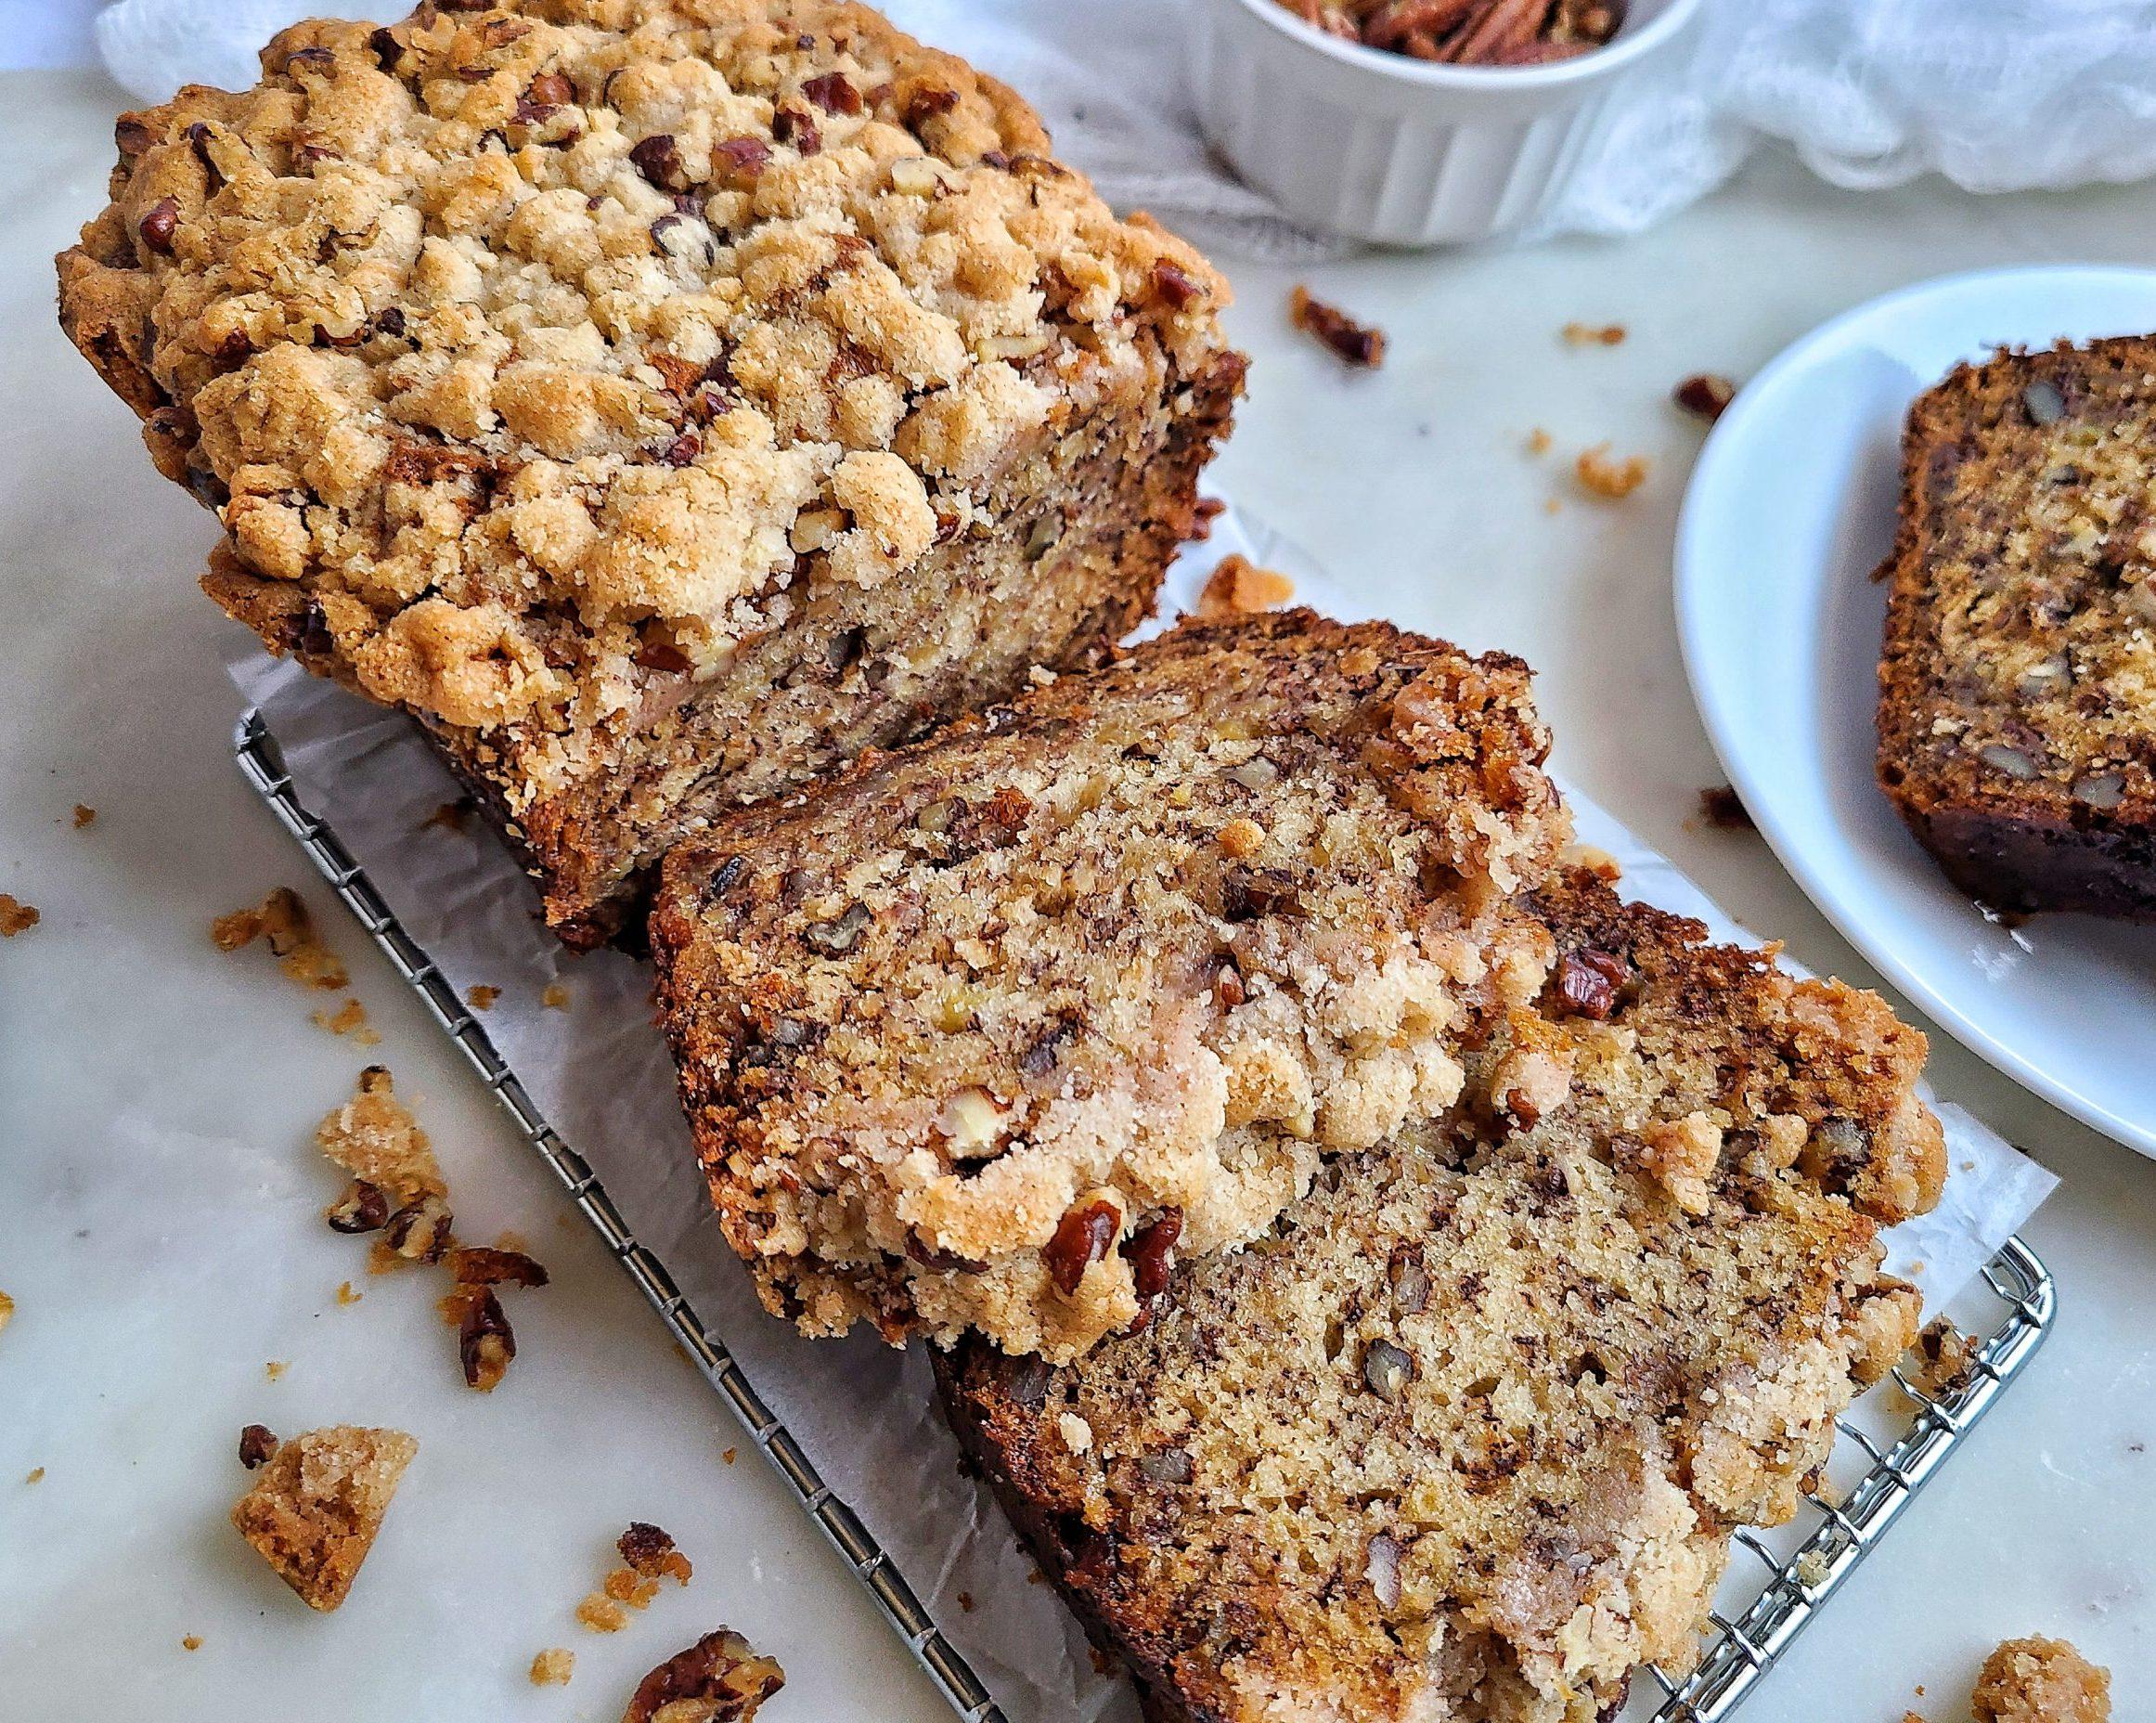 Banana Nut Crunch Bread